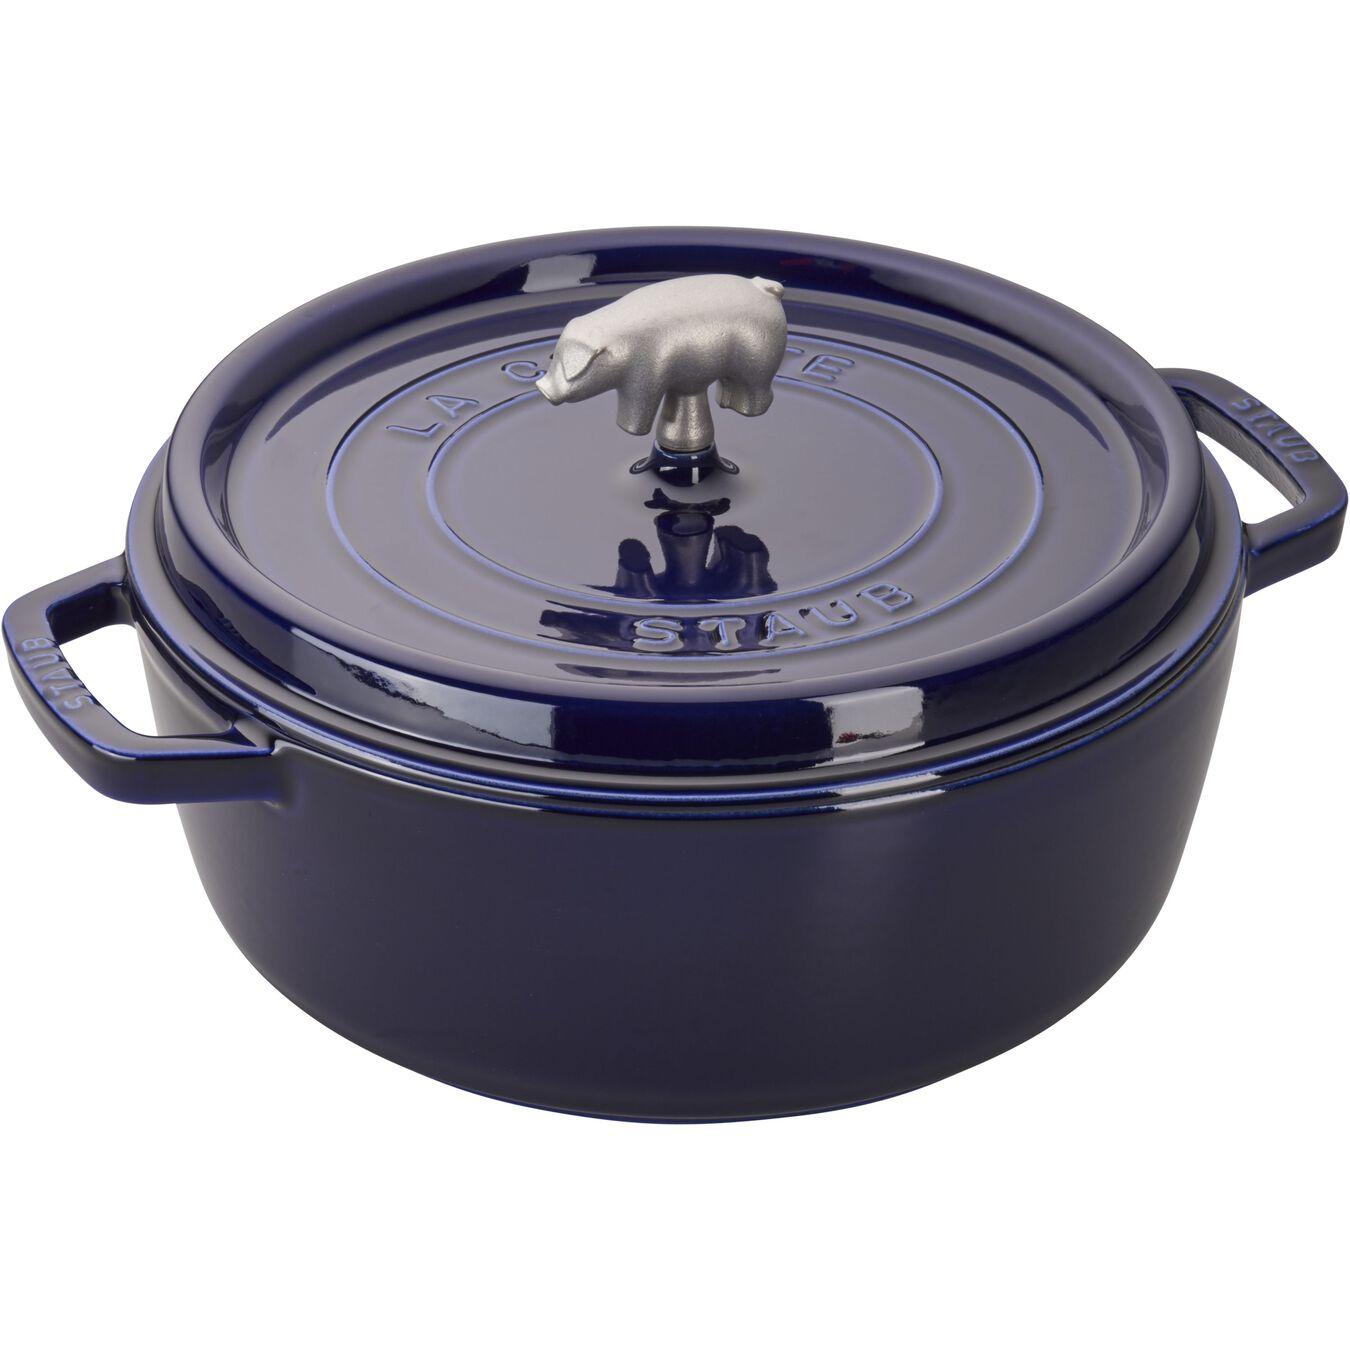 6 qt, Cochon Shallow Wide Round Cocotte, dark blue,,large 1